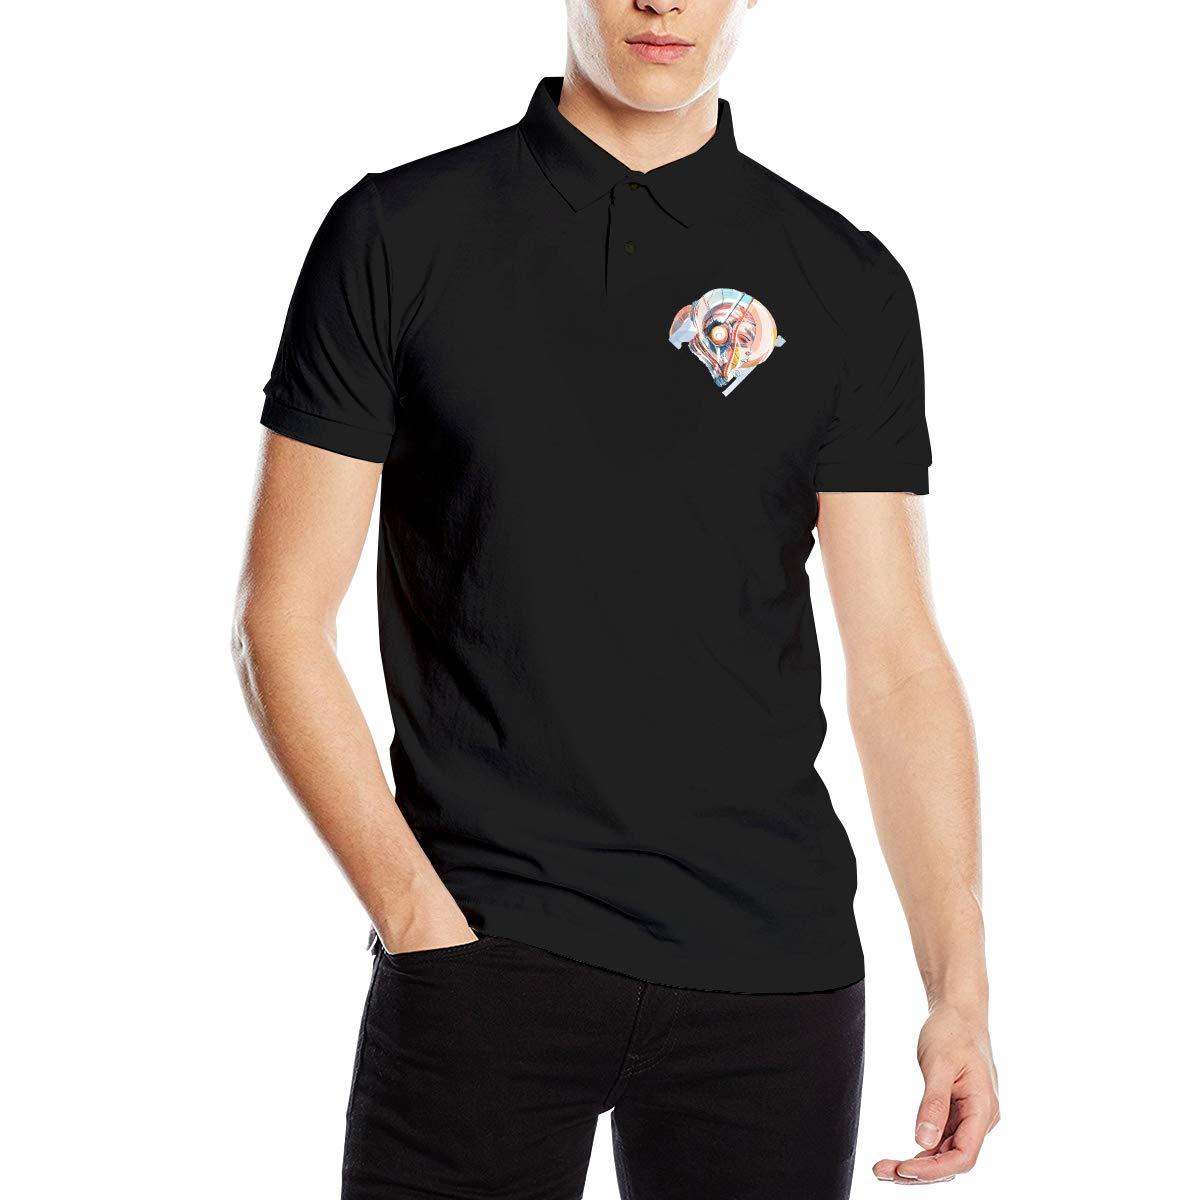 Cjlrqone Guy Mckinley Mukai Men Fashion Polo Shirts XXL Black